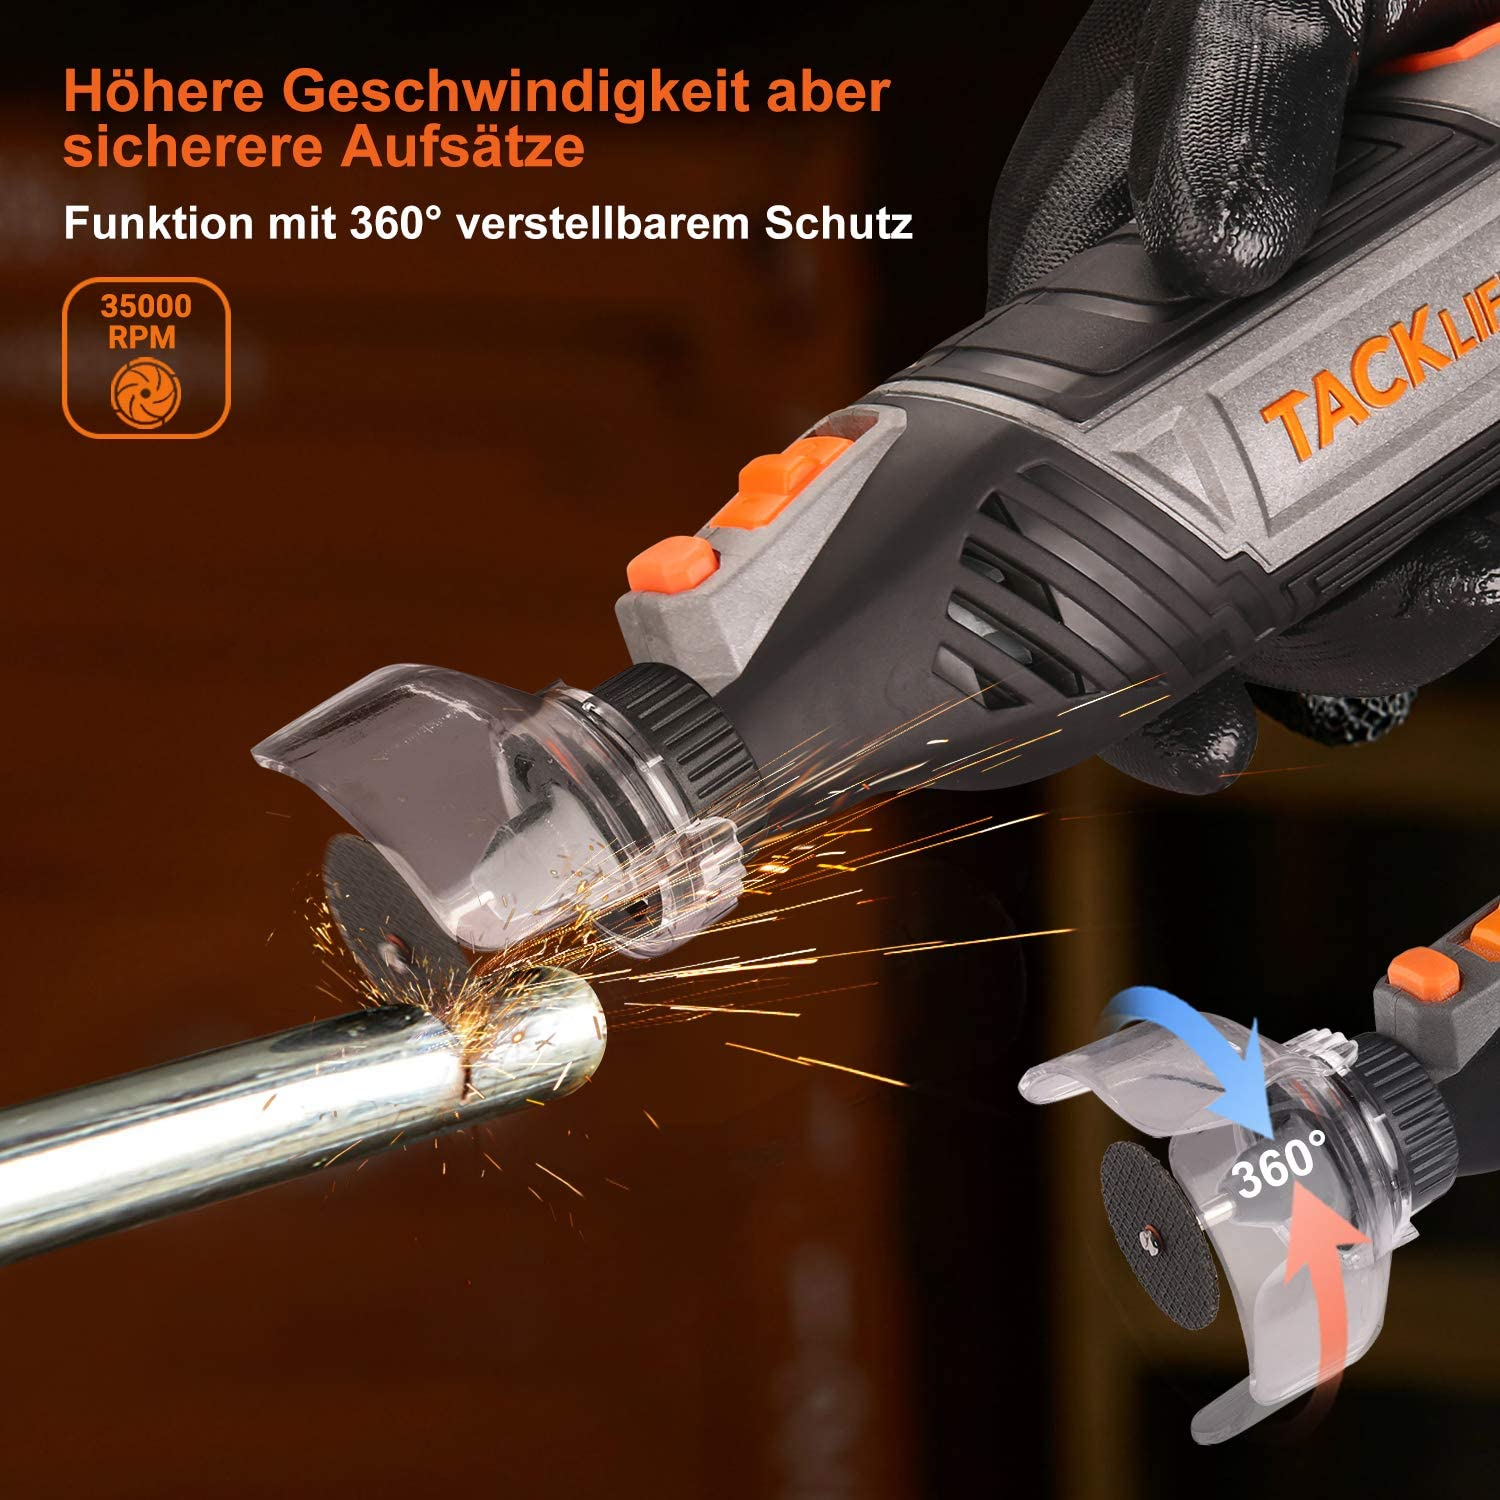 Pour bricoleurs et bricoleurs Outil multifonction Tacklife RTSL50AC 6 niveaux de r/églage 150 accessoires avec mandrin auto-serrant Multipro et arbre flexible